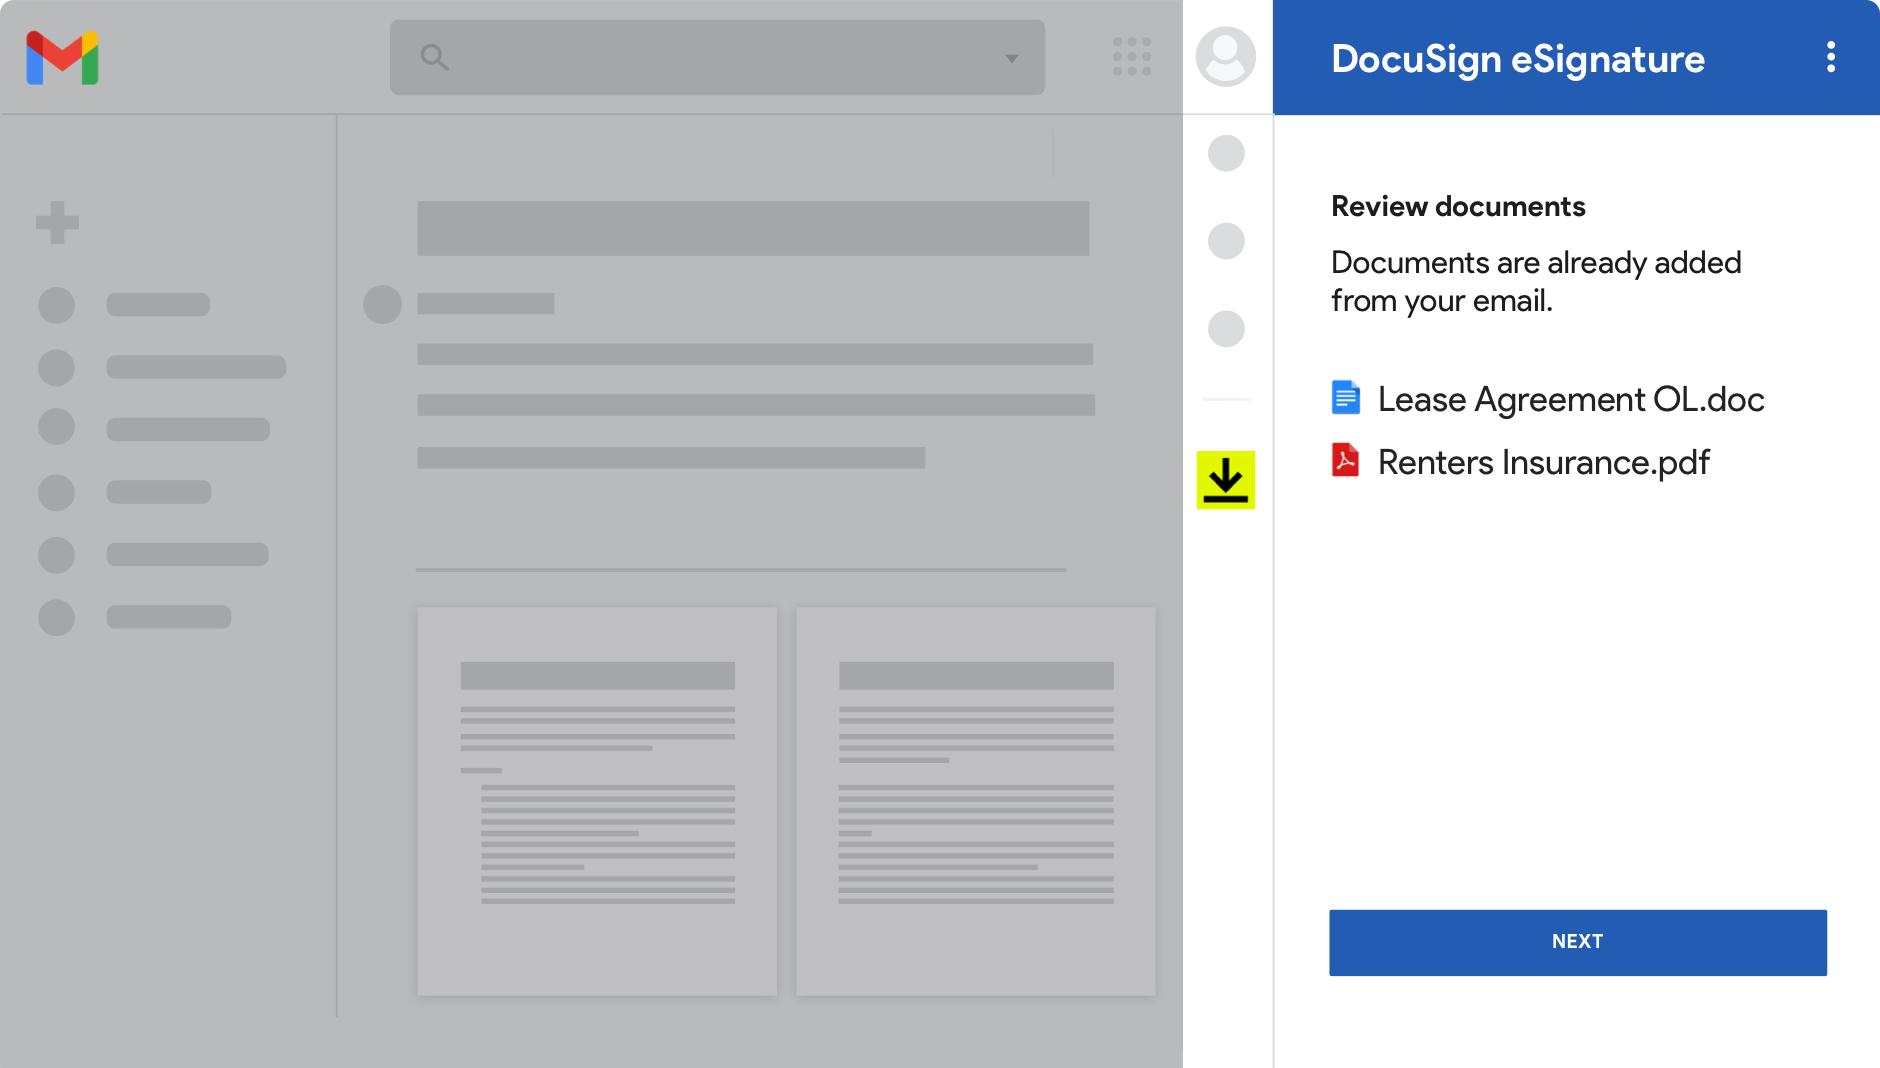 Captura de tela do Gmail mostrando documentos prontos para revisão no DocuSign eSignature.